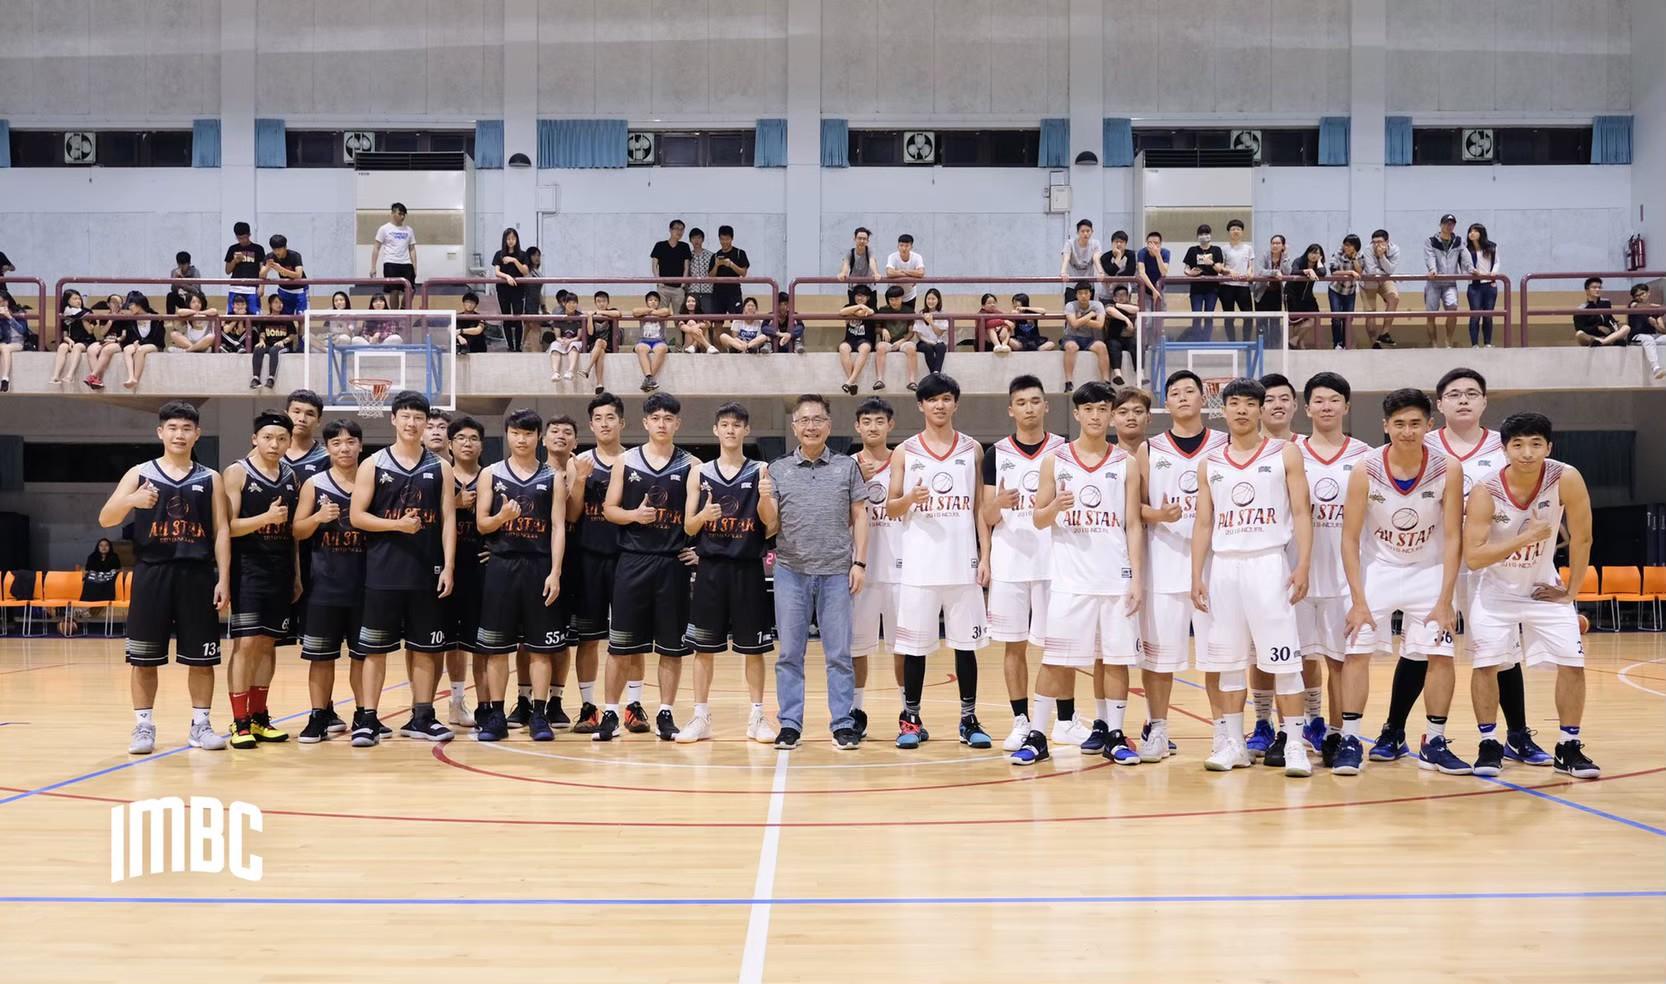 NCU-basketball-jersey